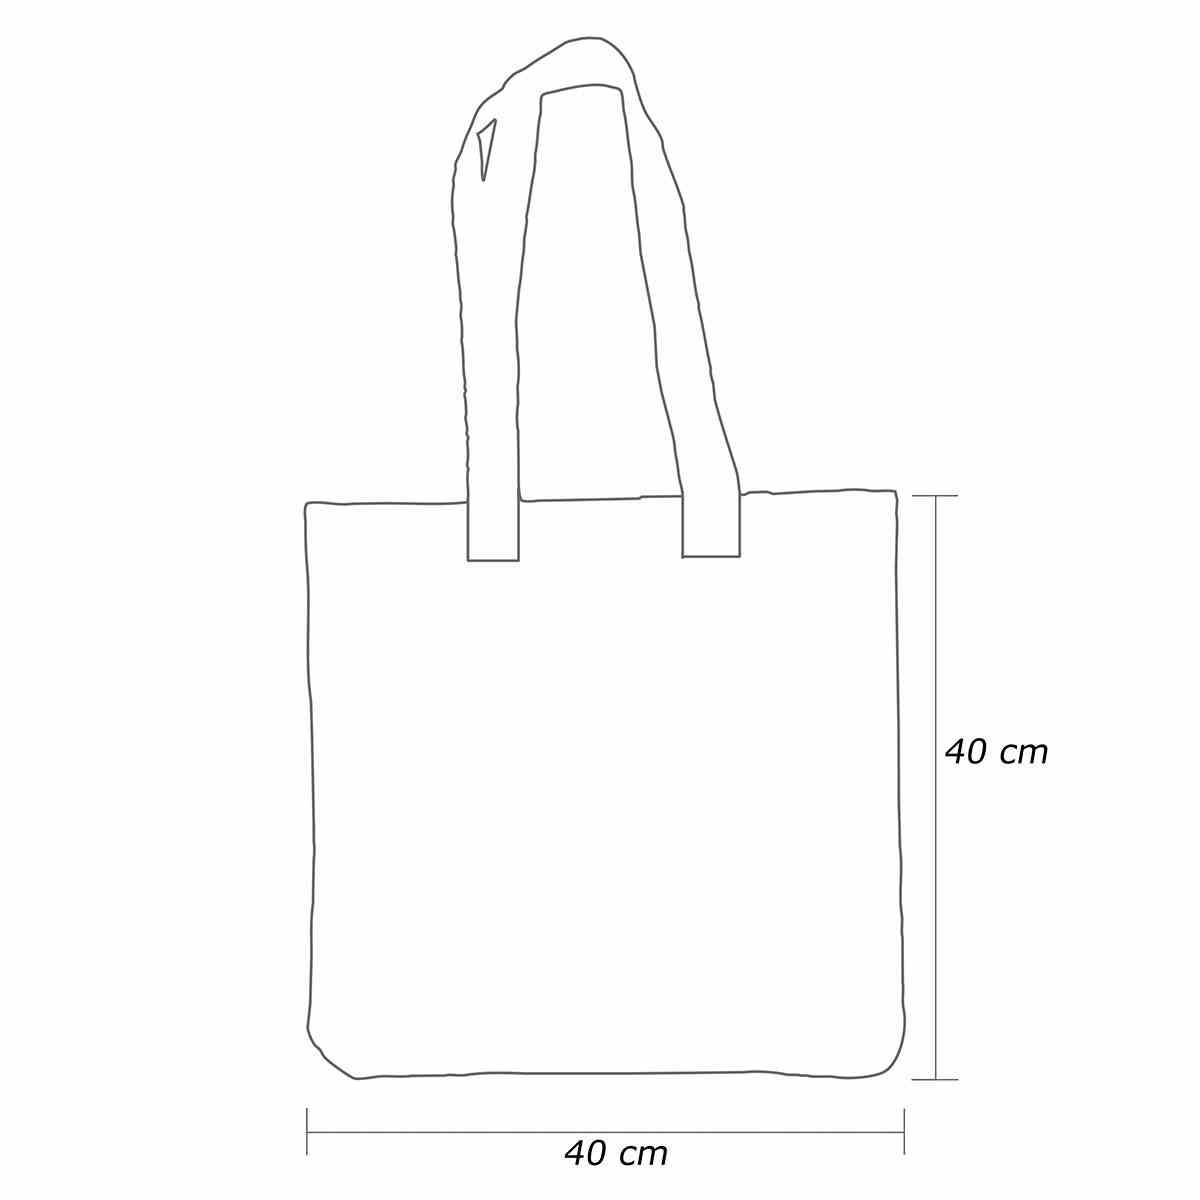 Medidas Sacola Ecobag Personalizada Non-woven